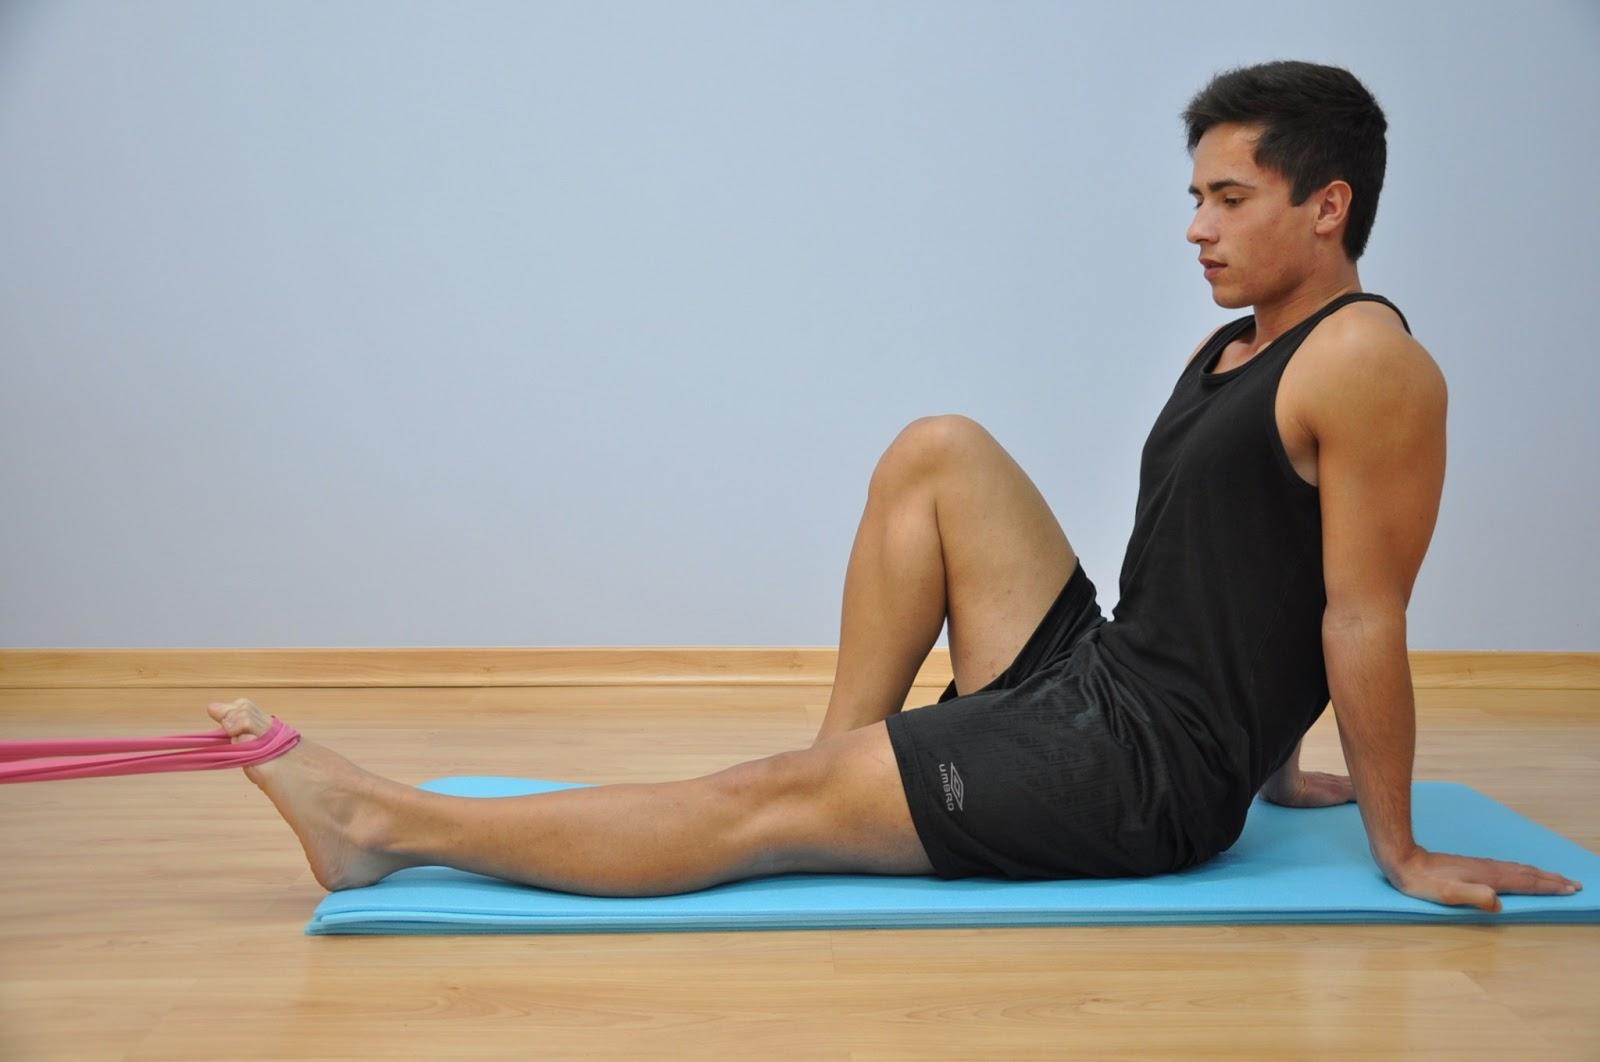 Exercícios terapêuticos para as fracturas dosmetatarsos e dedos do